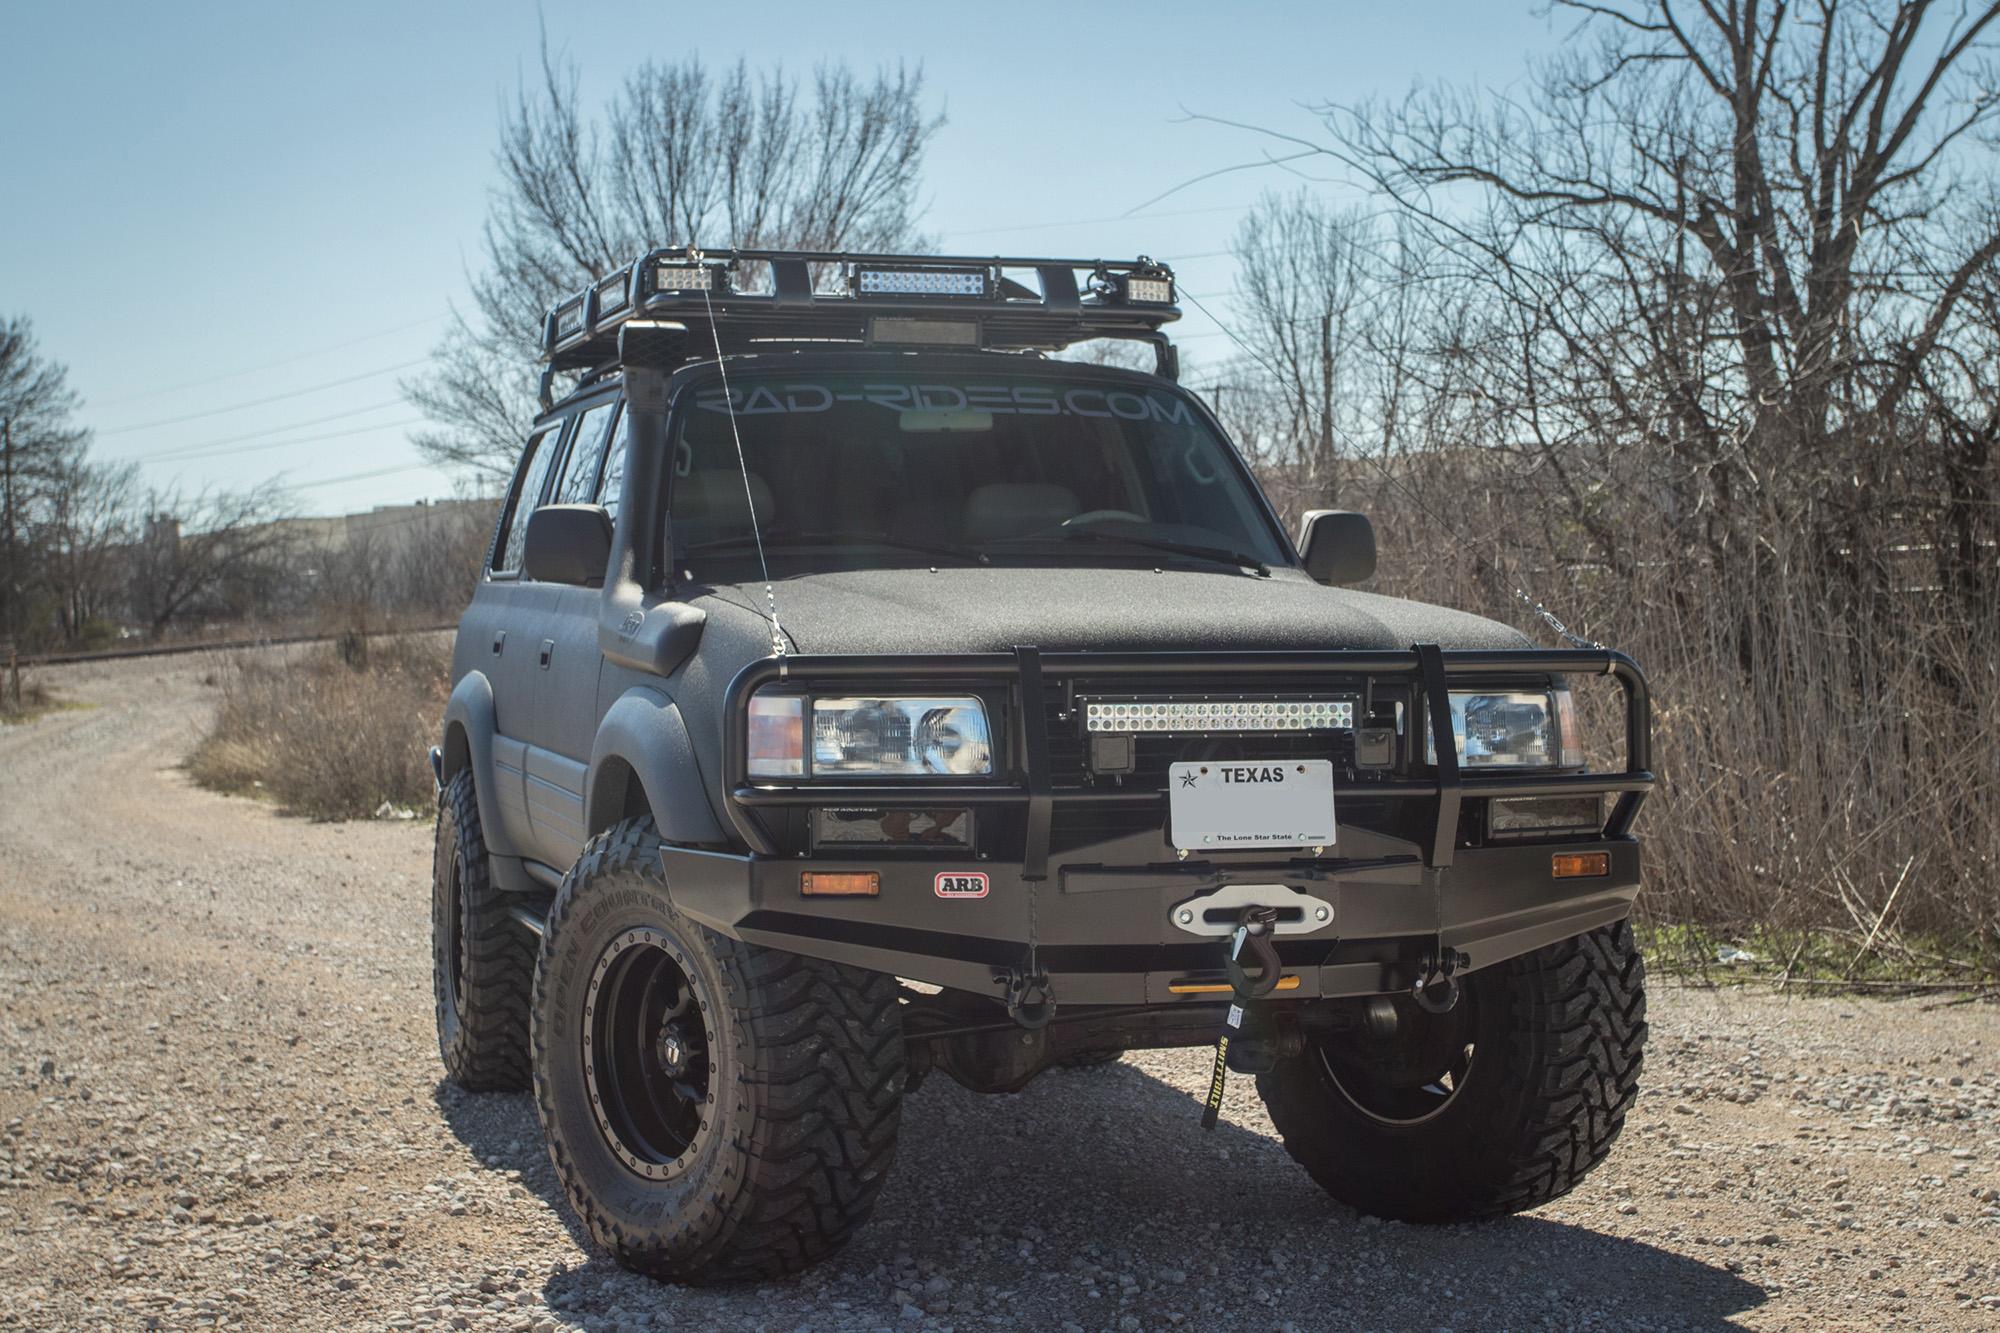 Lexus off road suv